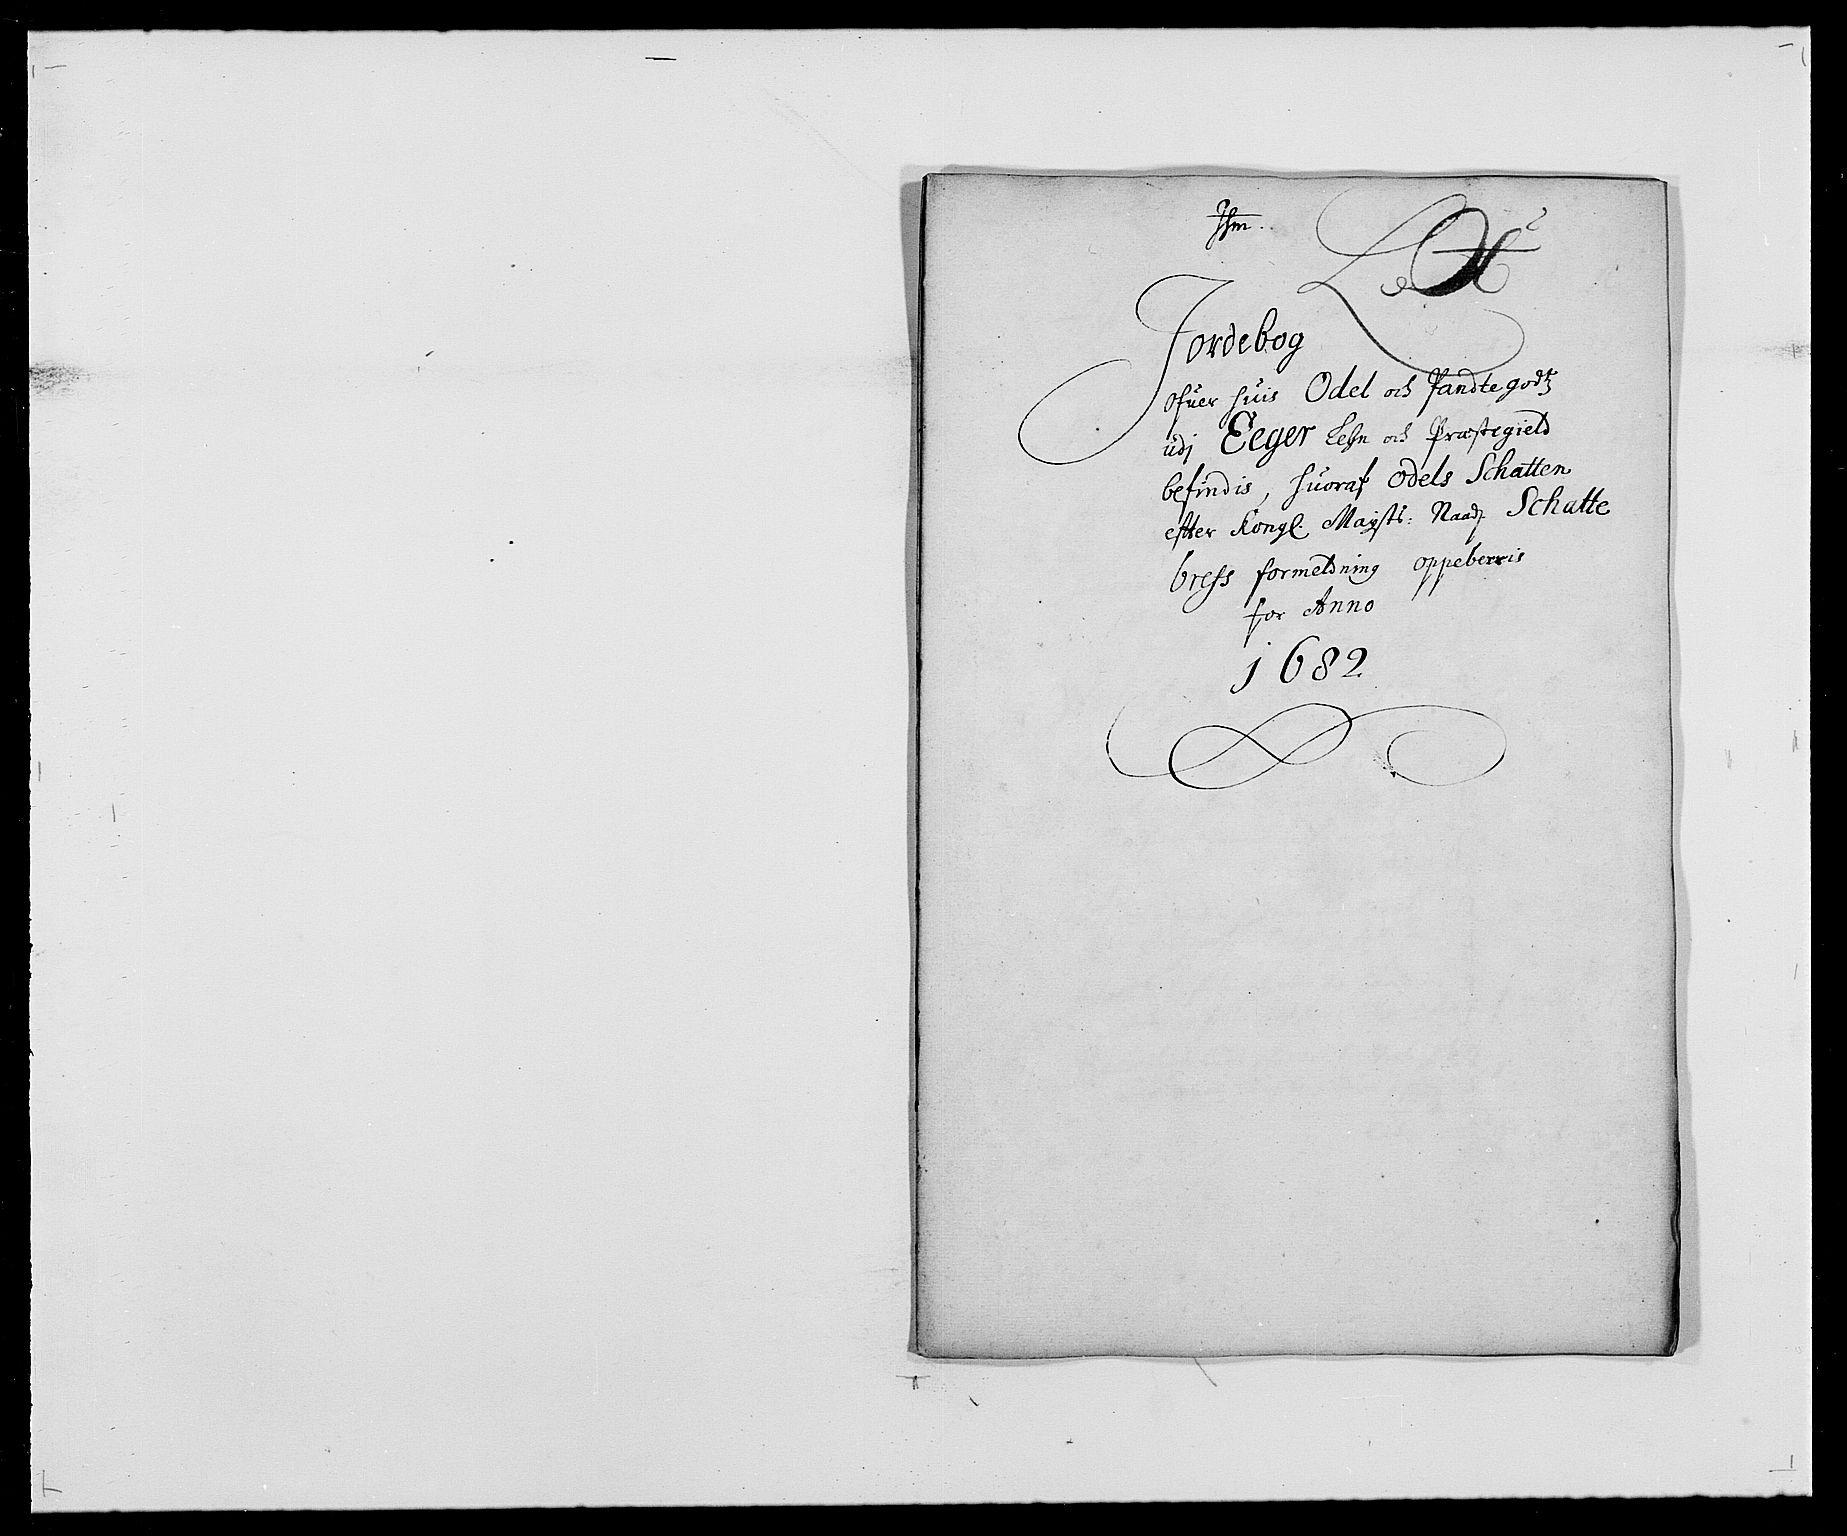 RA, Rentekammeret inntil 1814, Reviderte regnskaper, Fogderegnskap, R26/L1684: Fogderegnskap Eiker, 1679-1686, s. 308